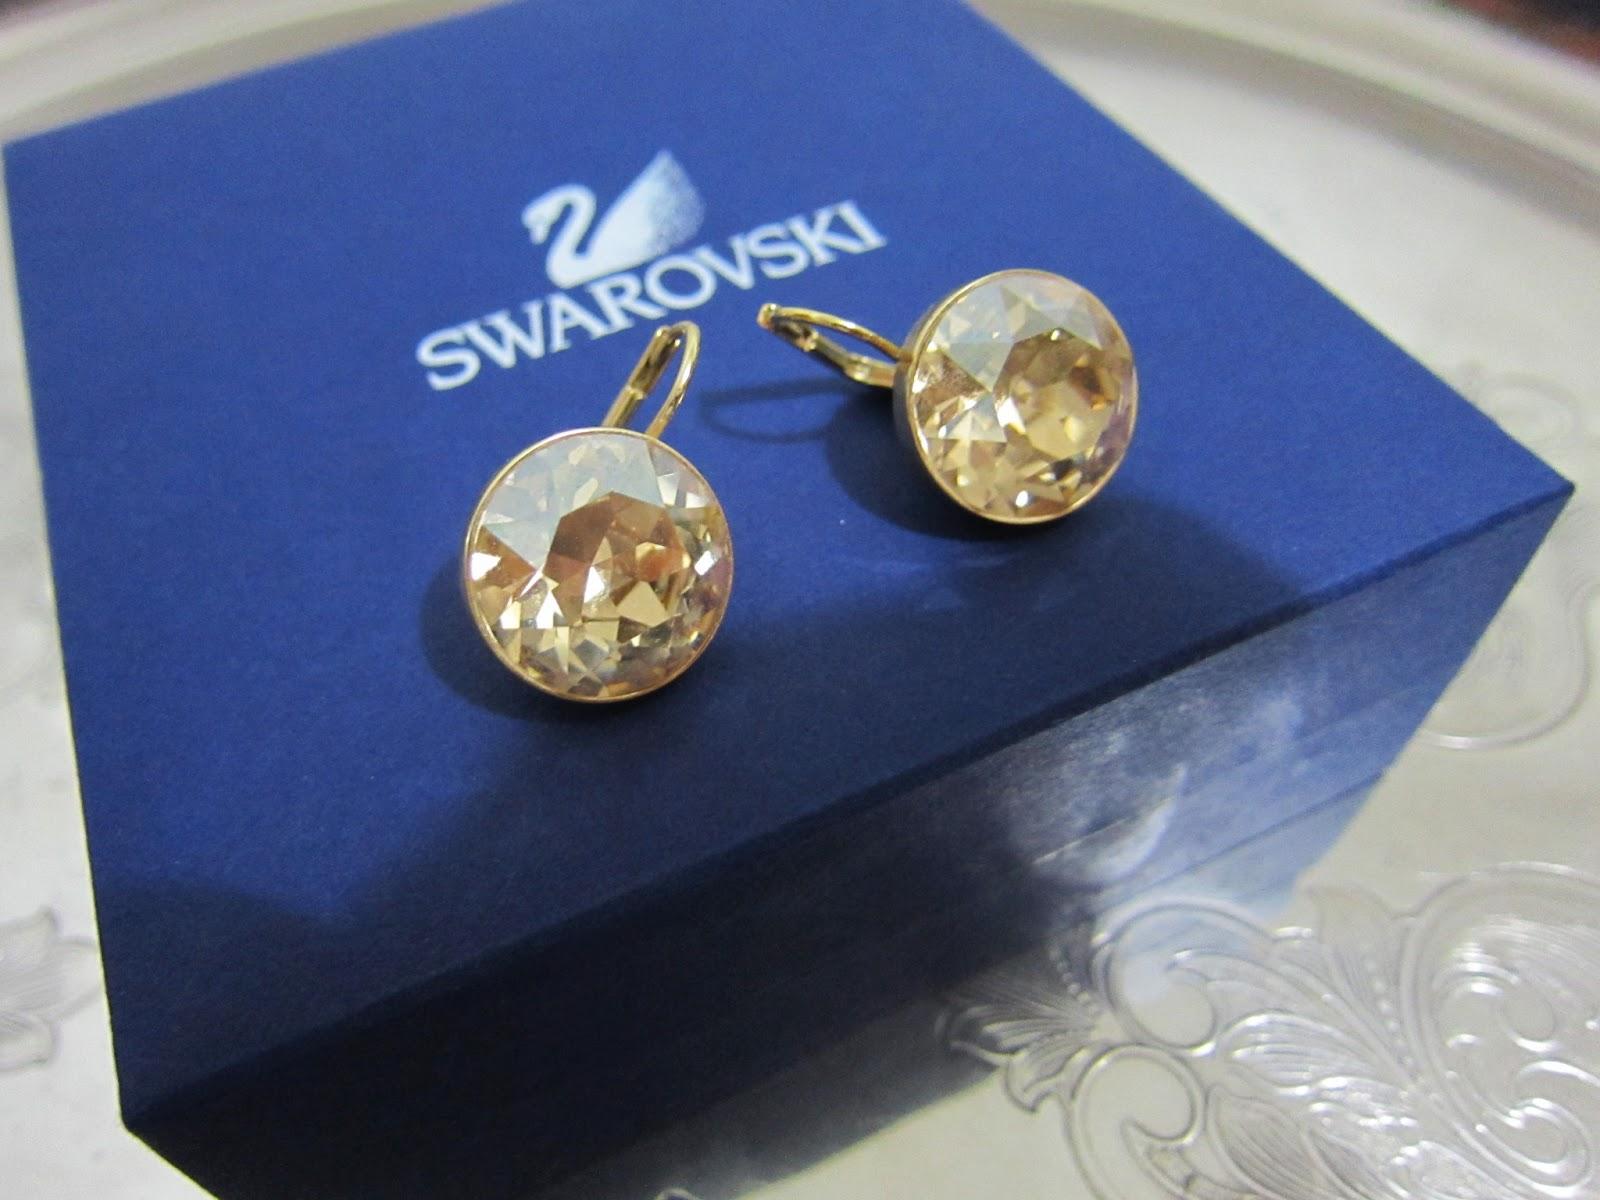 Swarovski Bella Golden Shadow Pierced Earrings